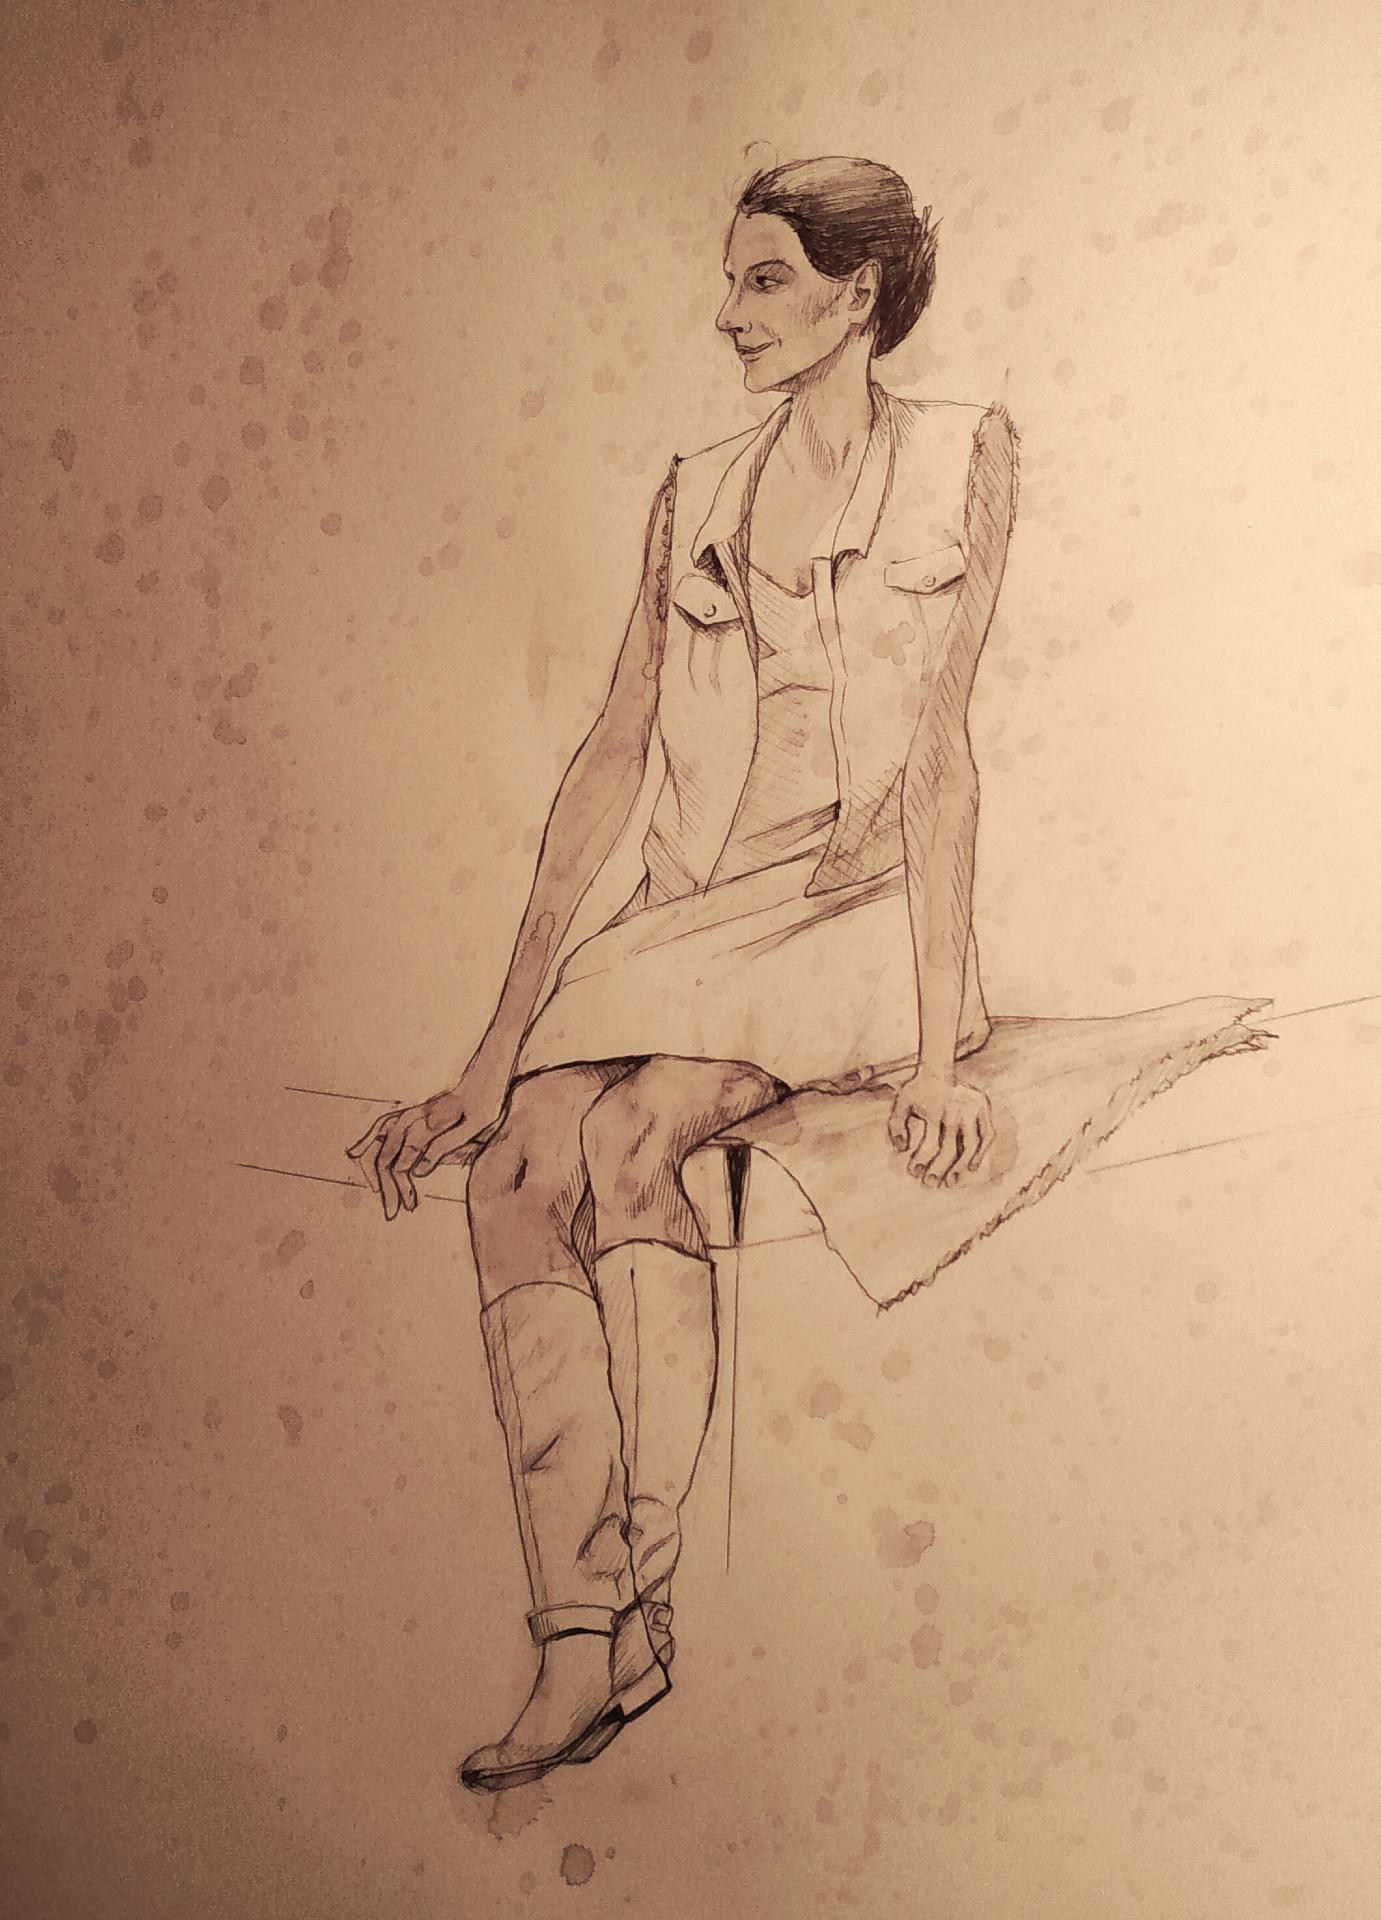 Sarah_drawing.png